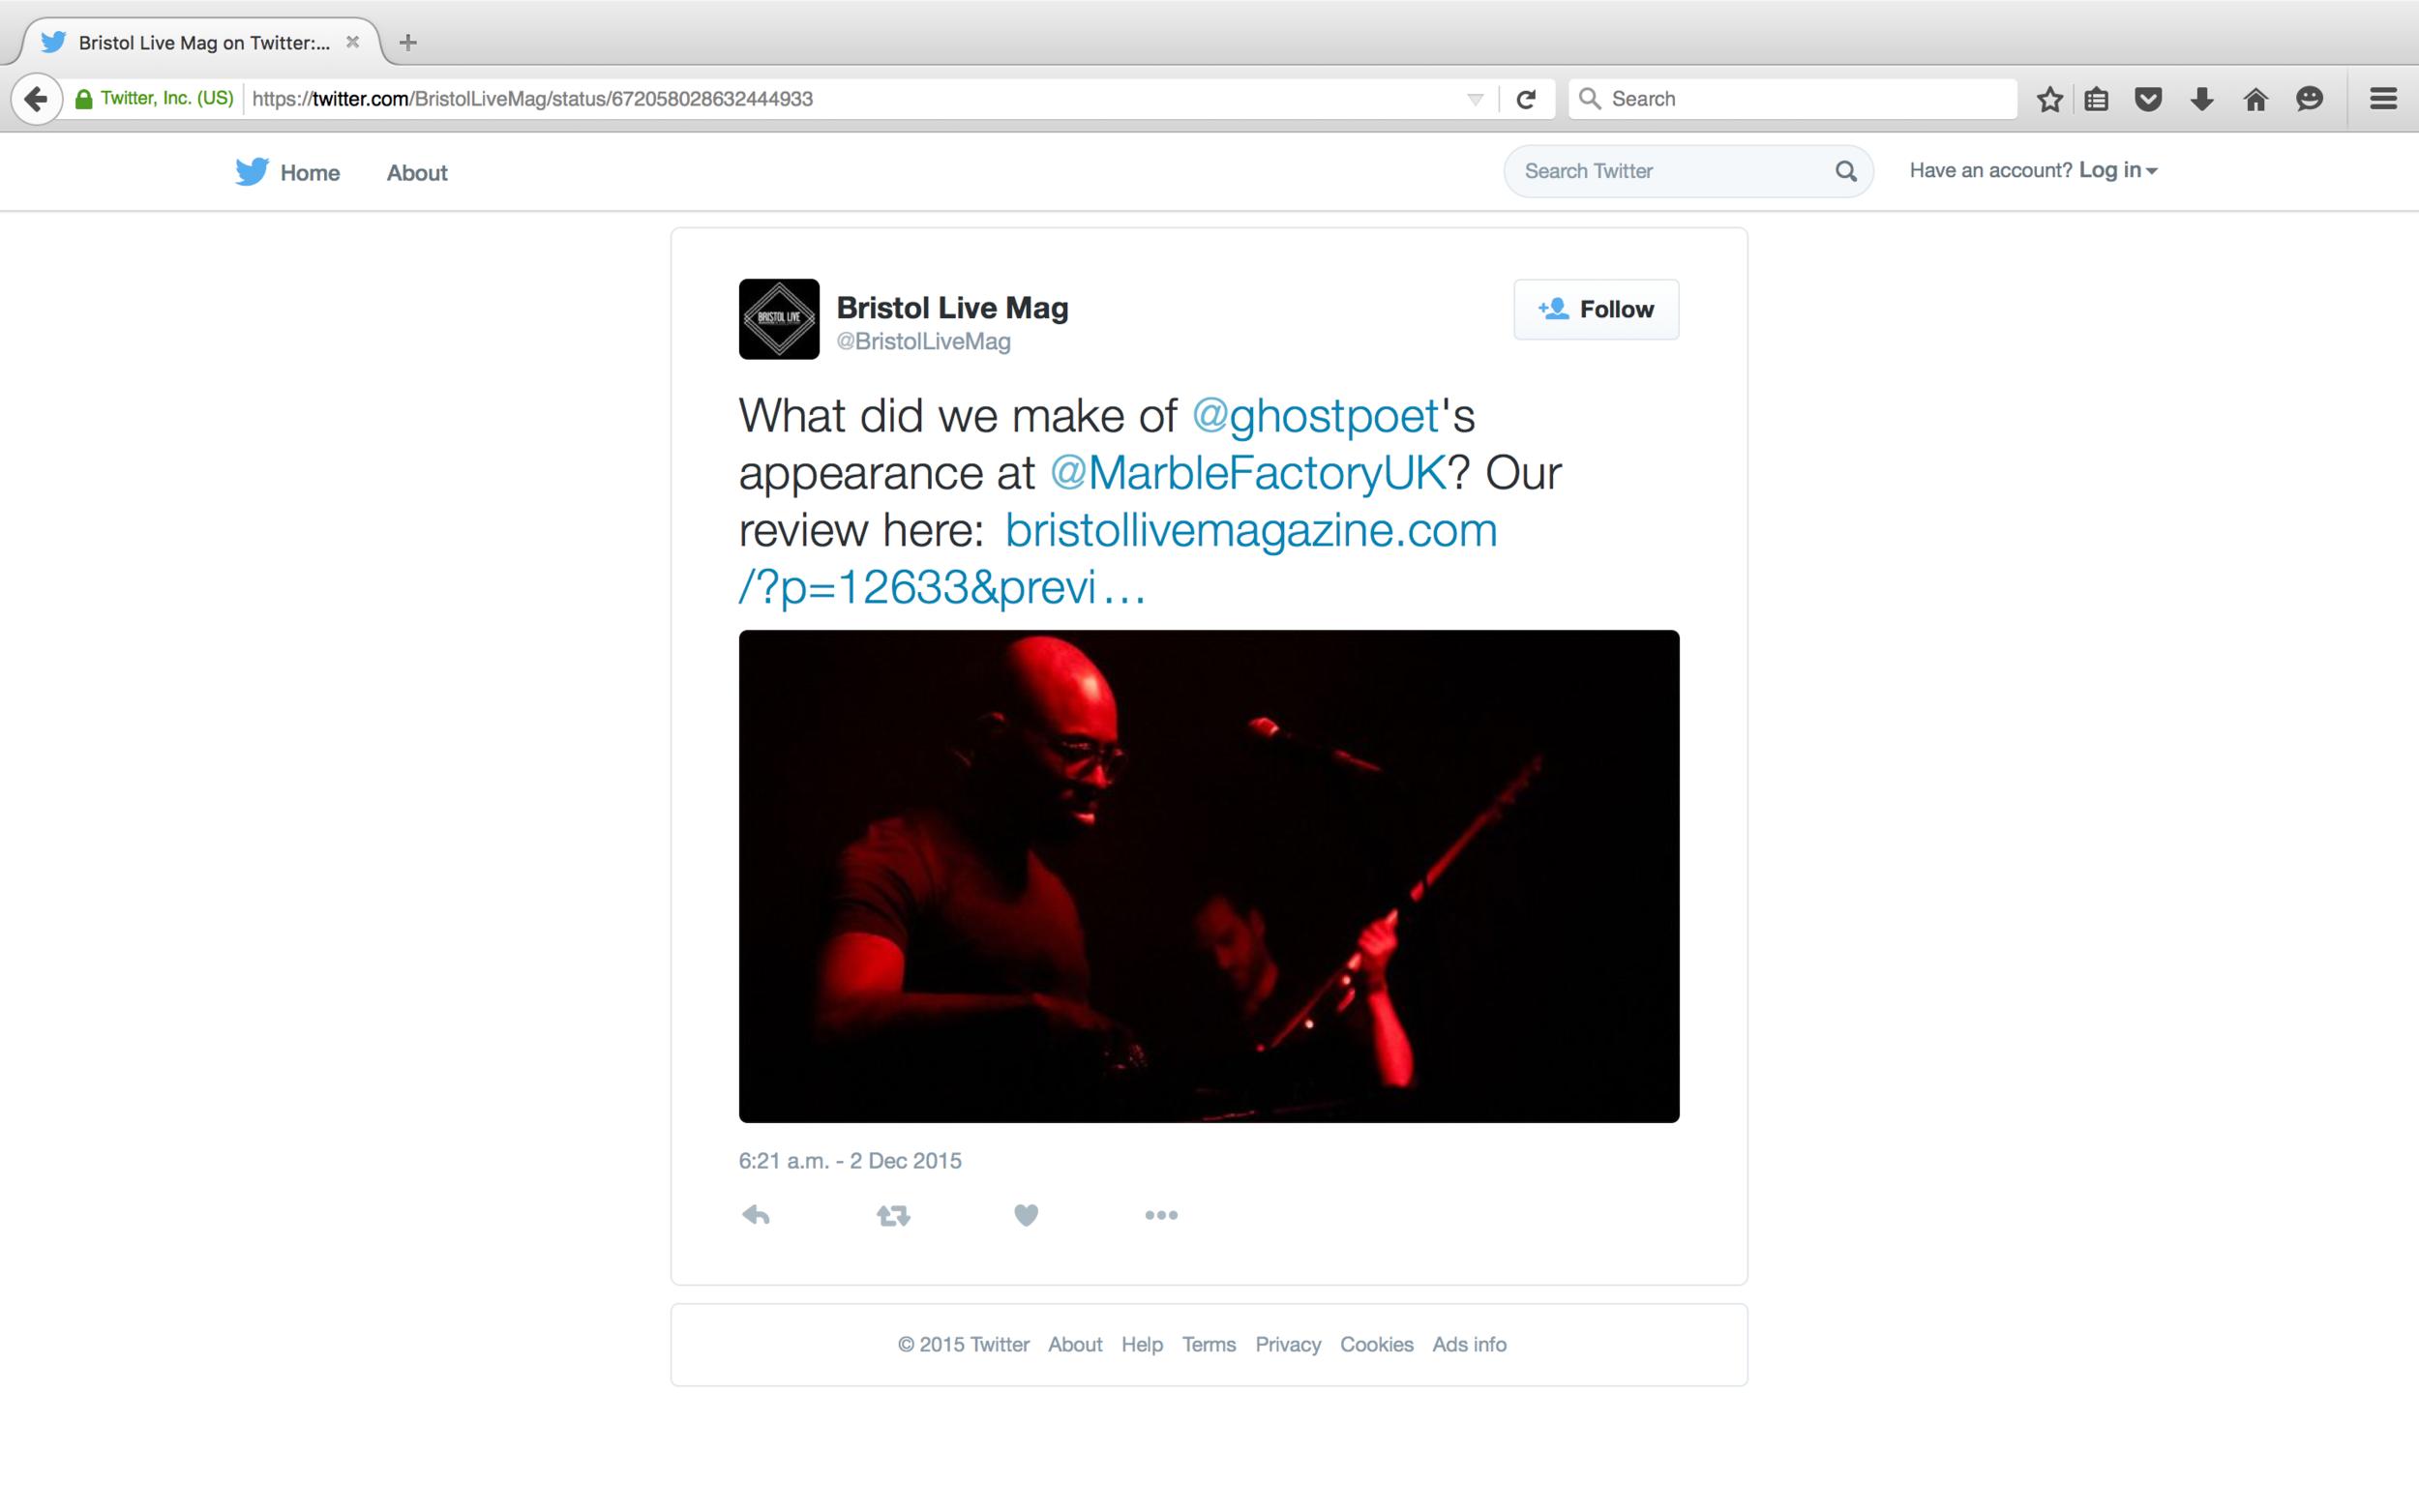 Screen Shot 2015-12-03 at 16.22.36.png